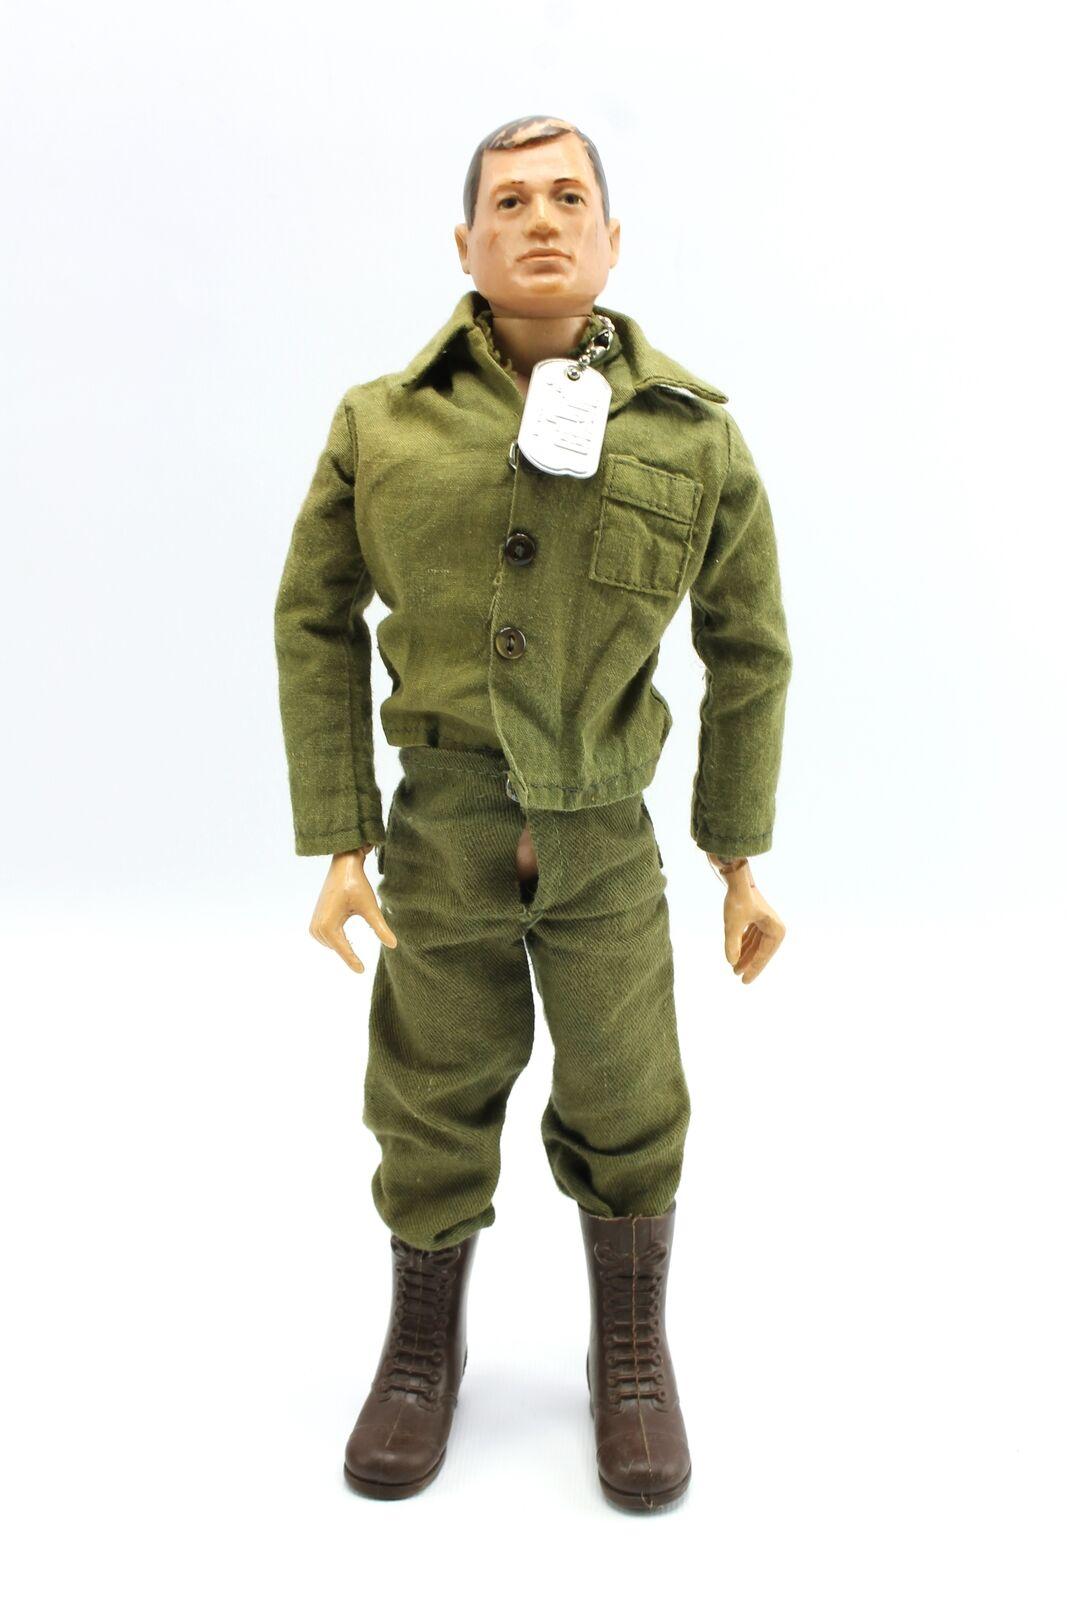 VINTAGE GI JOE HARD HEAD 196465 TM capelli castani cifra e azione Soldato Uniforme